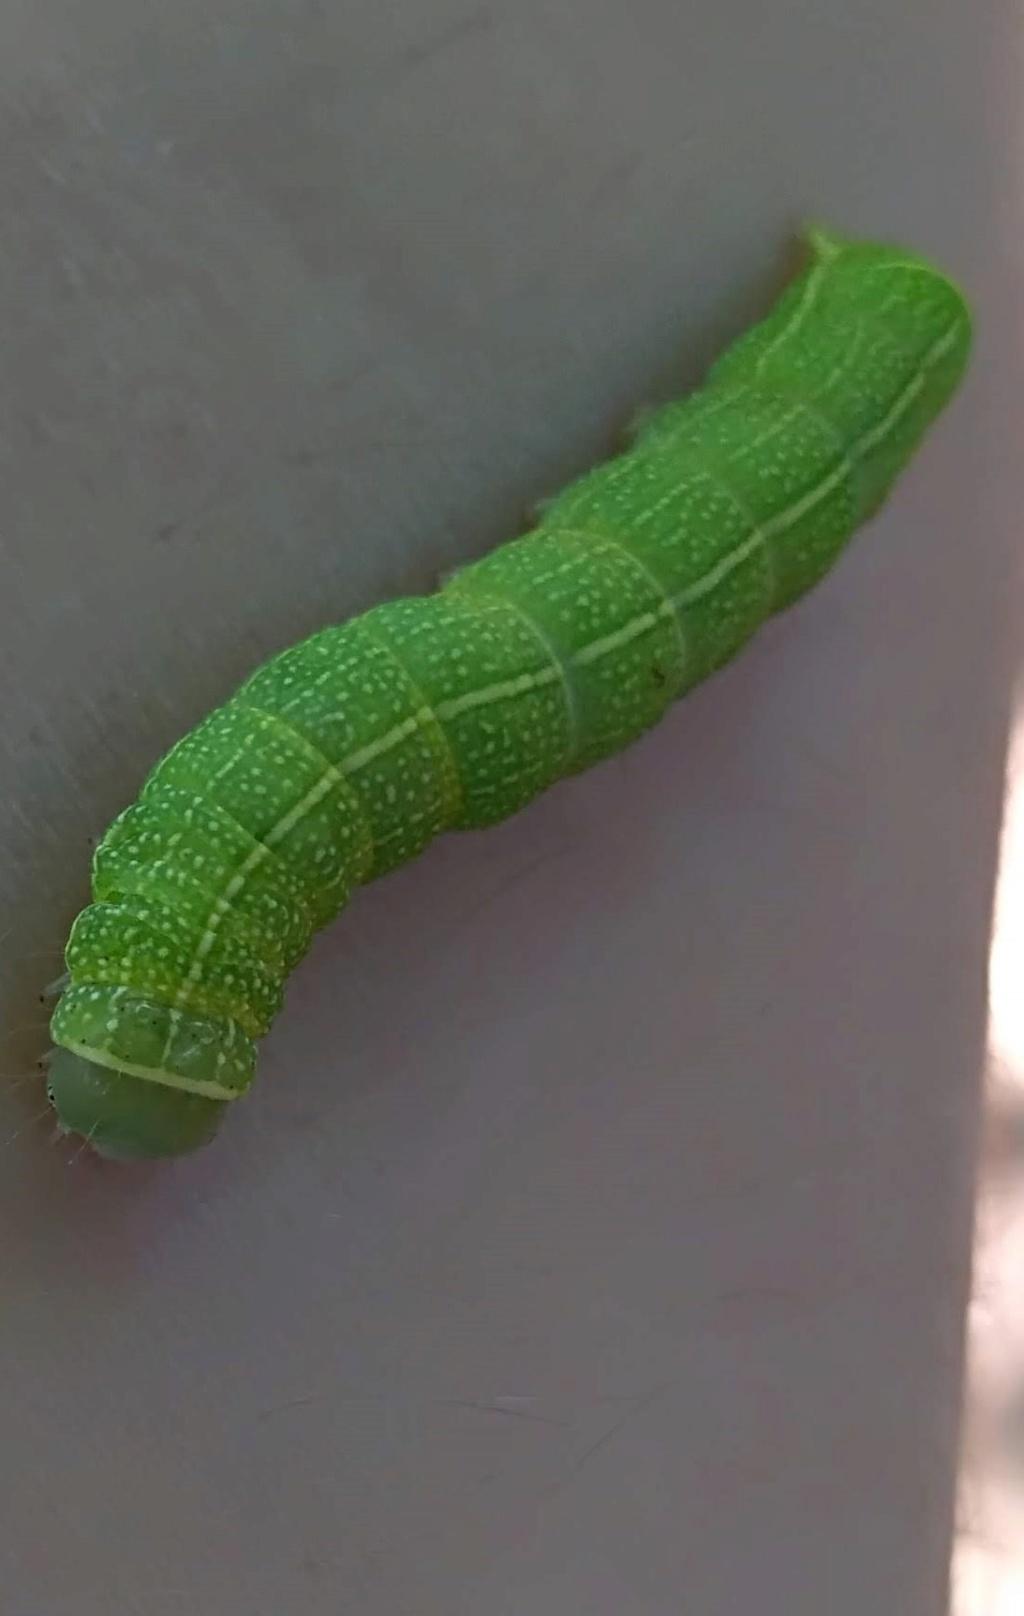 [Noctuidae, cf. Orthosia incerta] chenille verte Img_2098